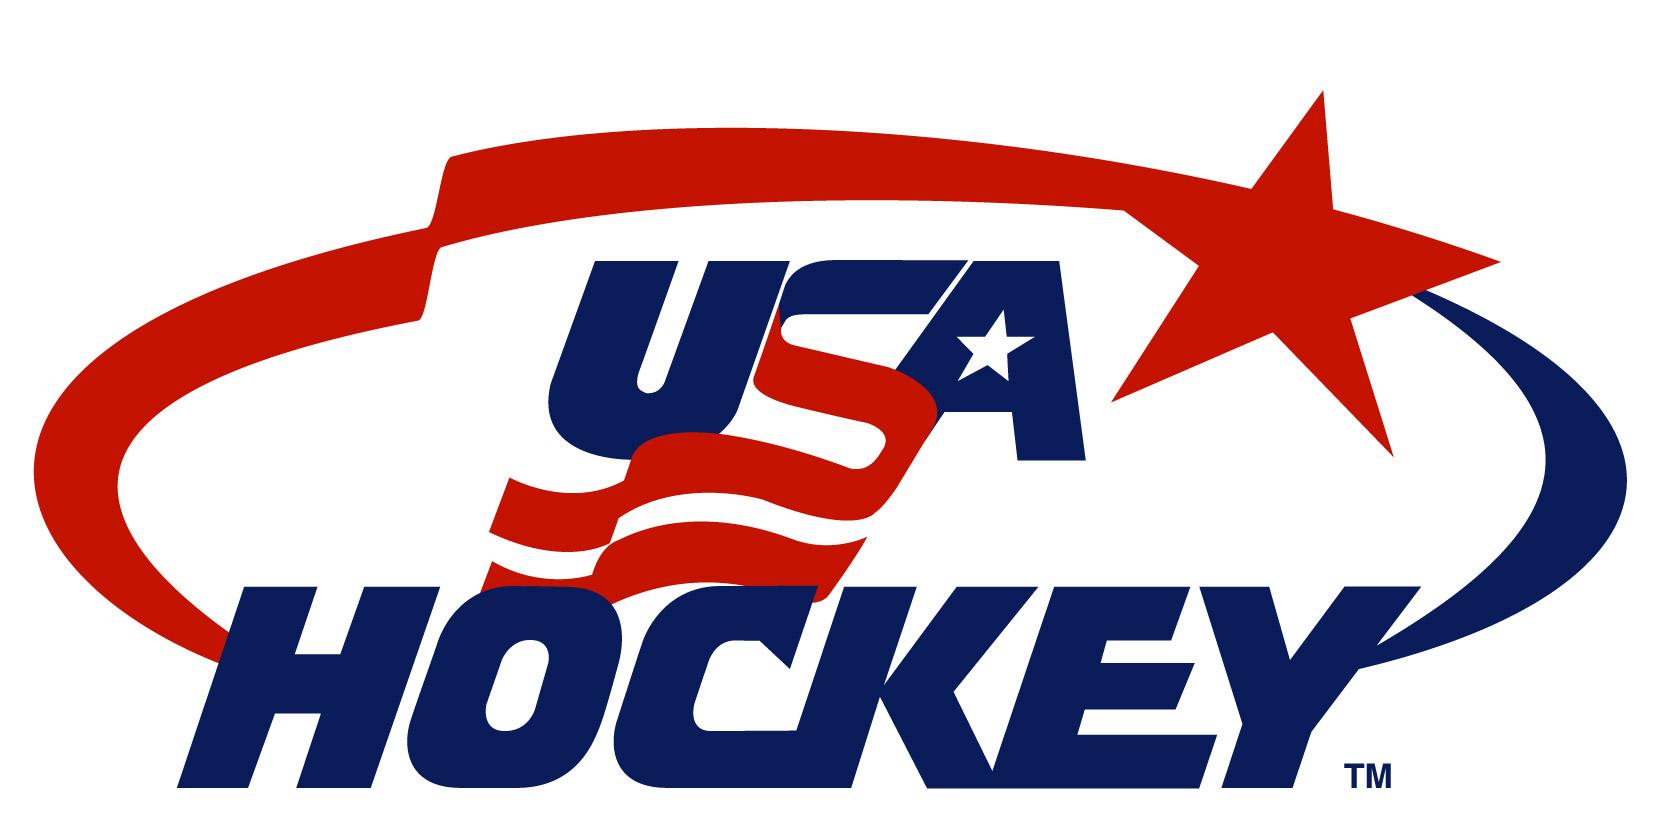 Nassau County Hockey